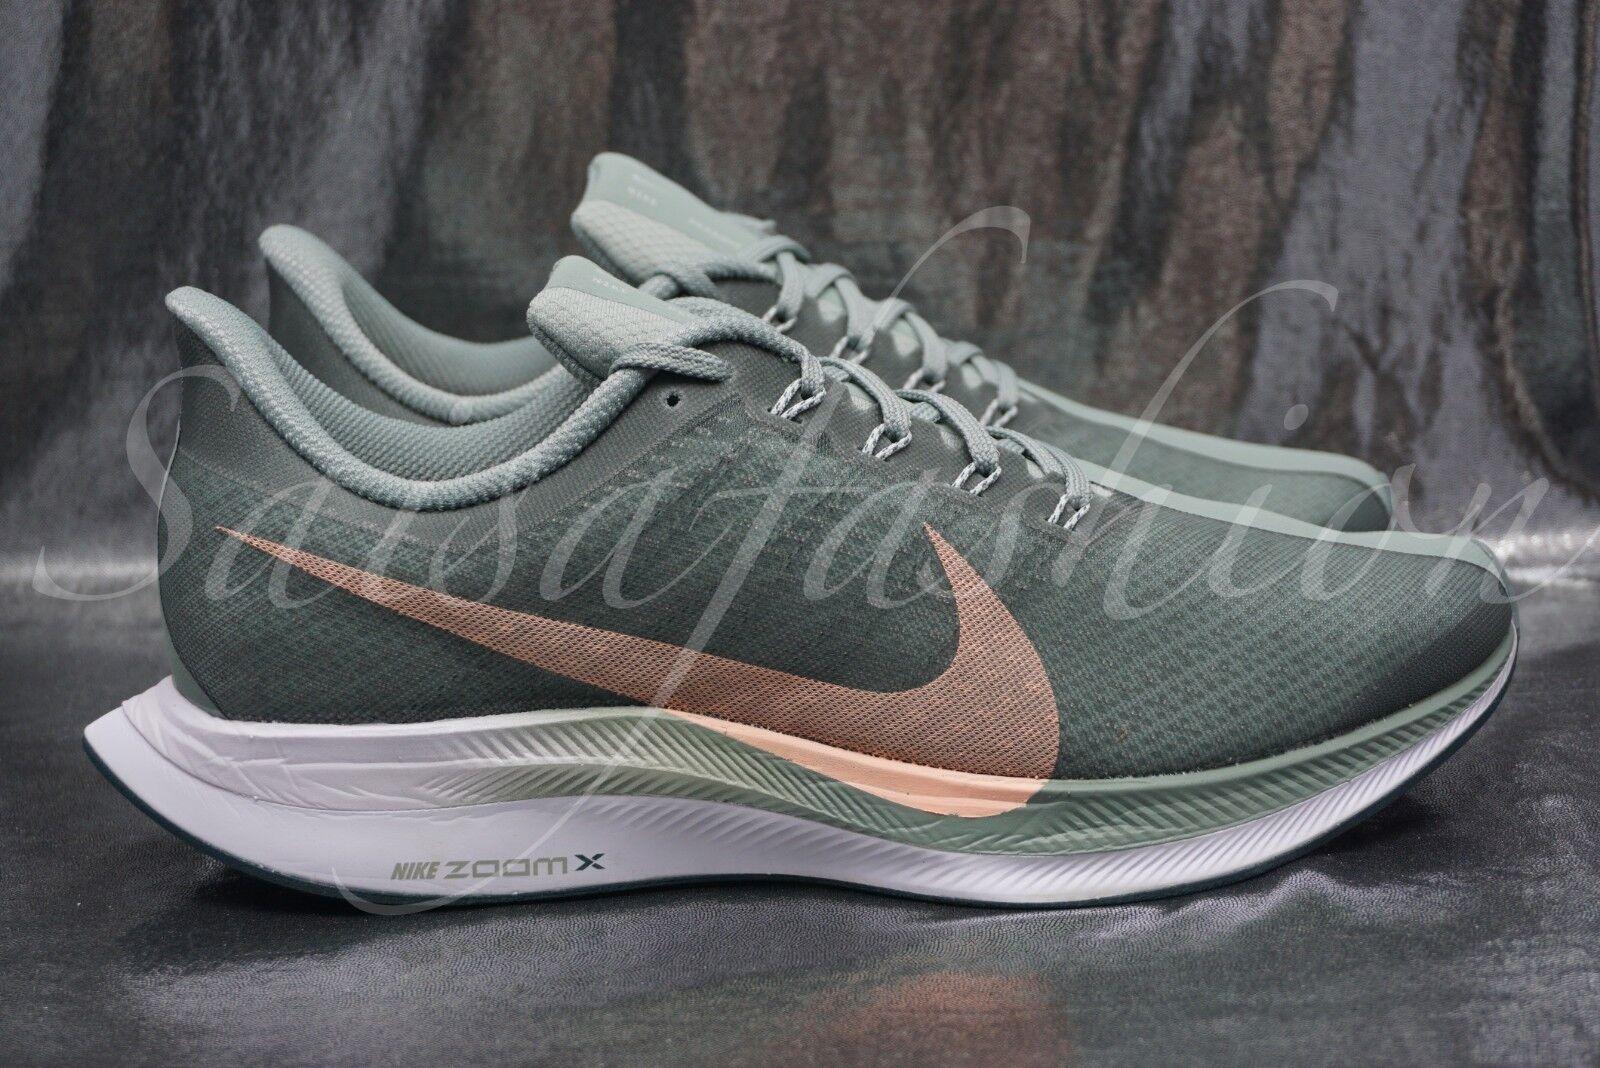 Nike Wmns Zoom Pegasus 35 Turbo Mica Green Light Silver Womens AJ4115-300 Sz 9